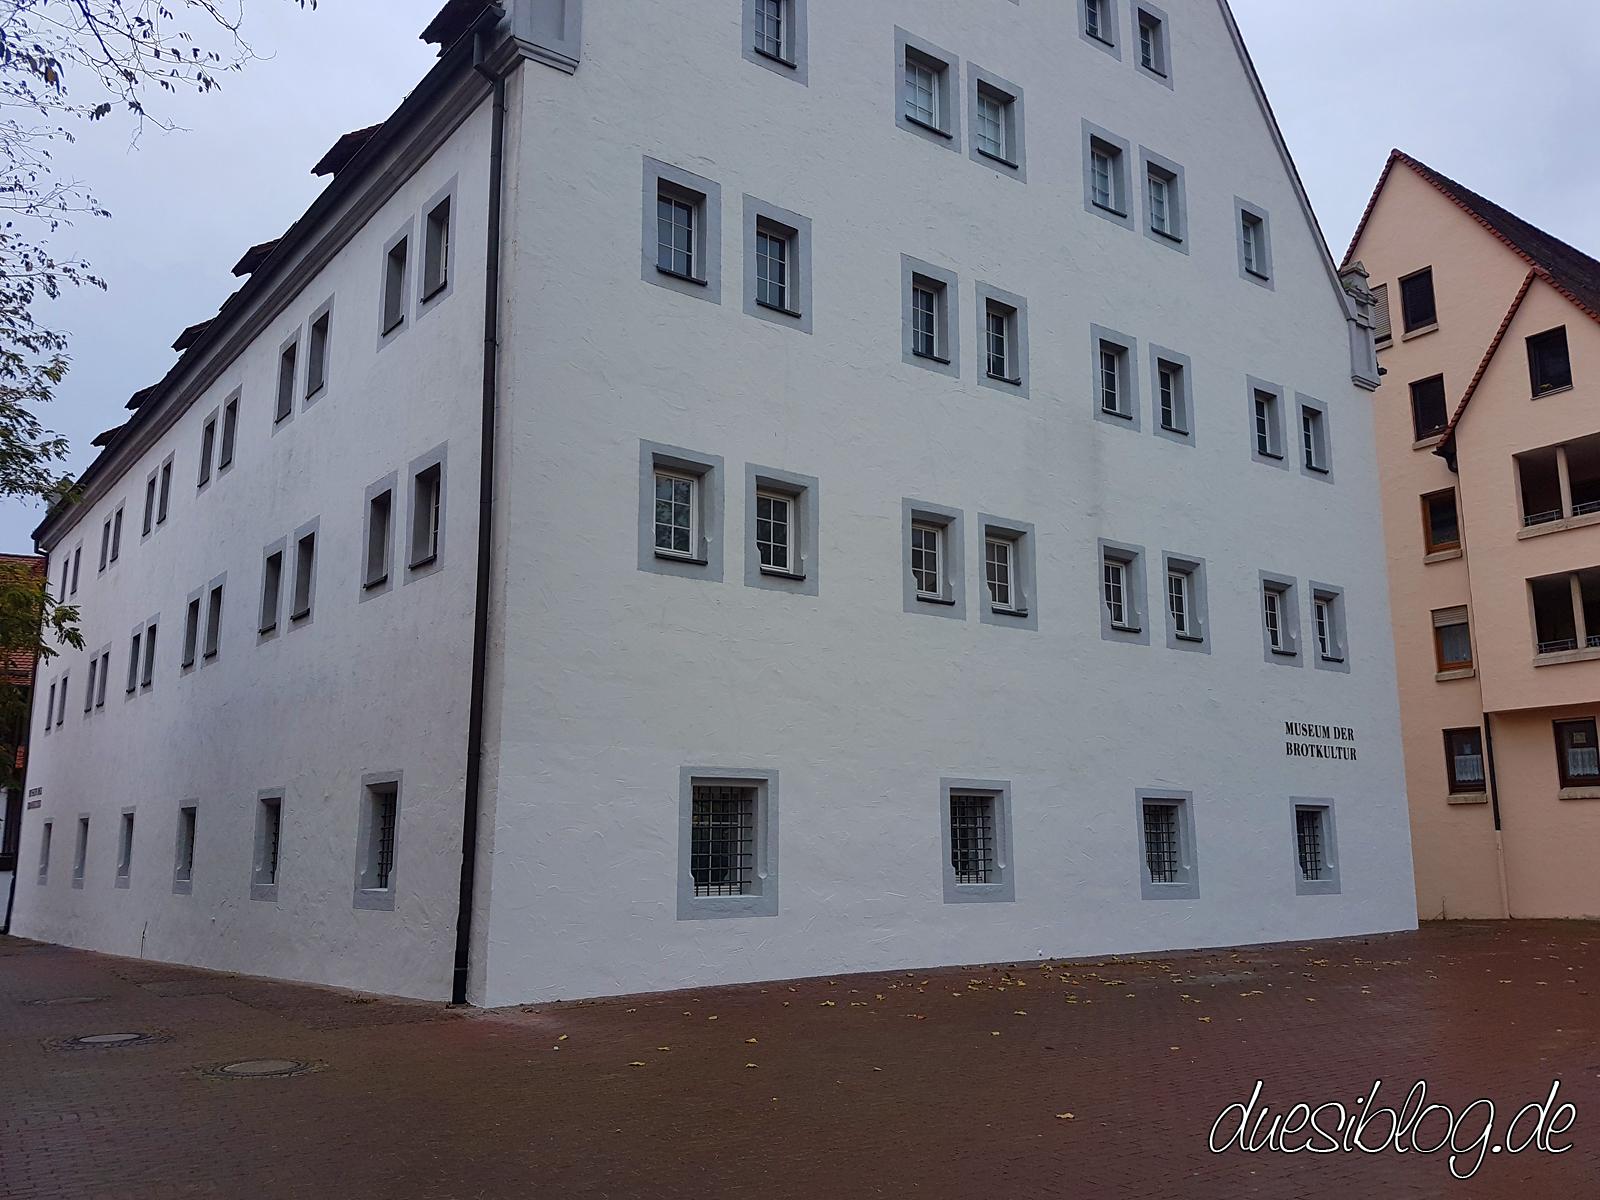 Ulm Altstadt travelblog duesiblog 22